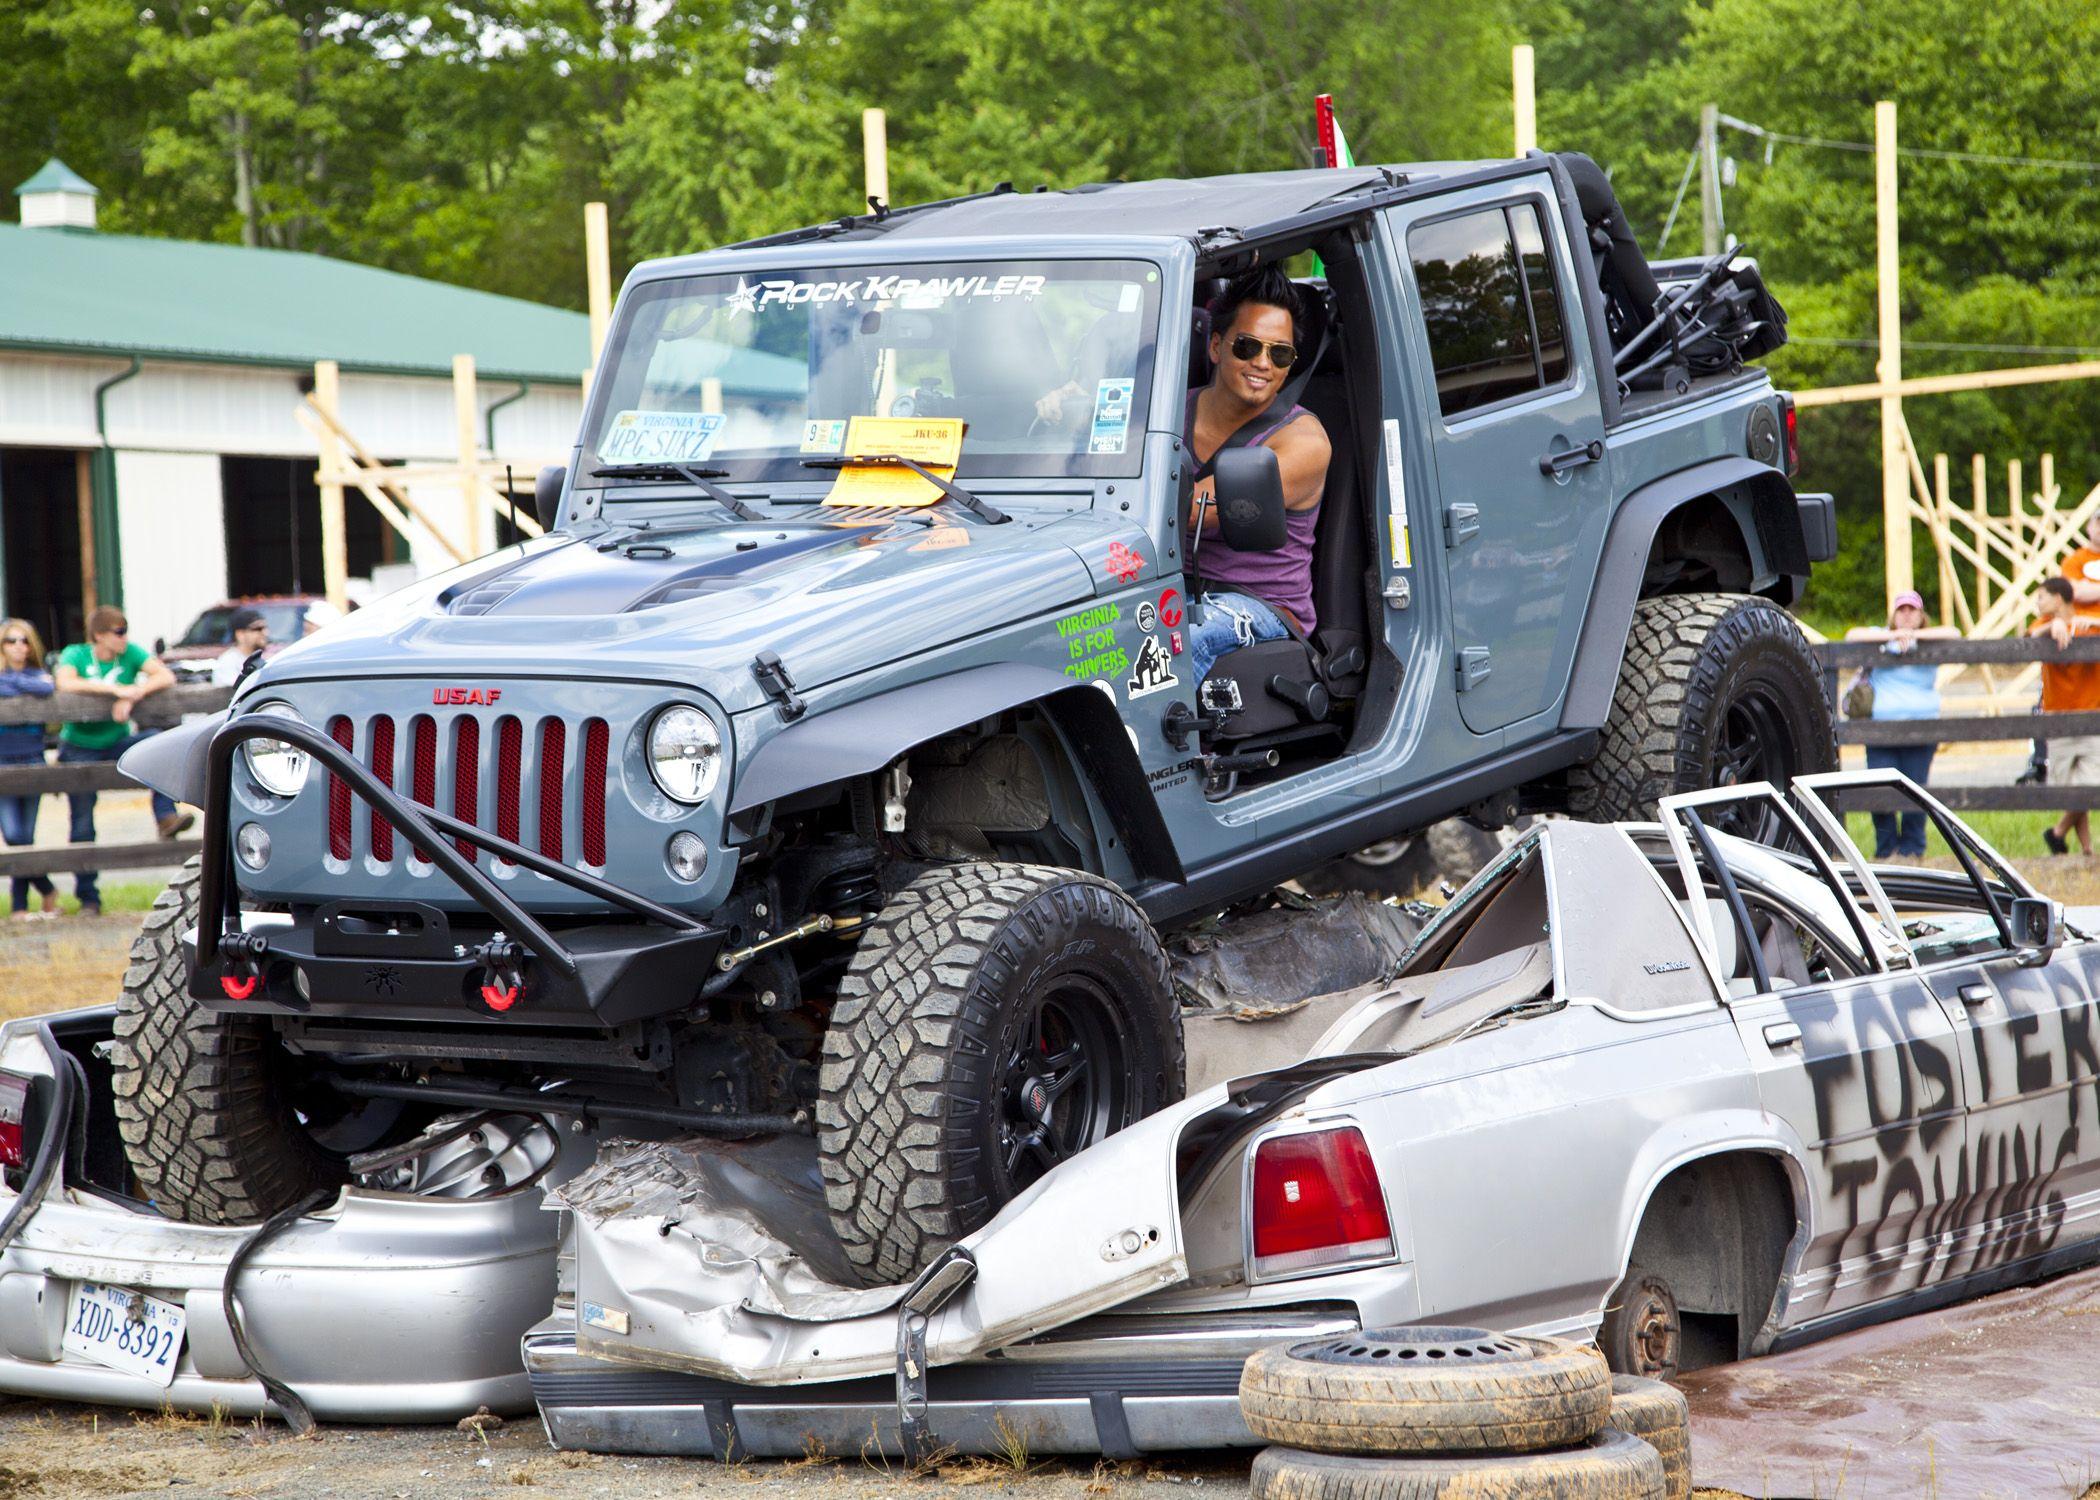 14 Anvil Jeep Wrangler Jku Poison Spyder Front Stinger